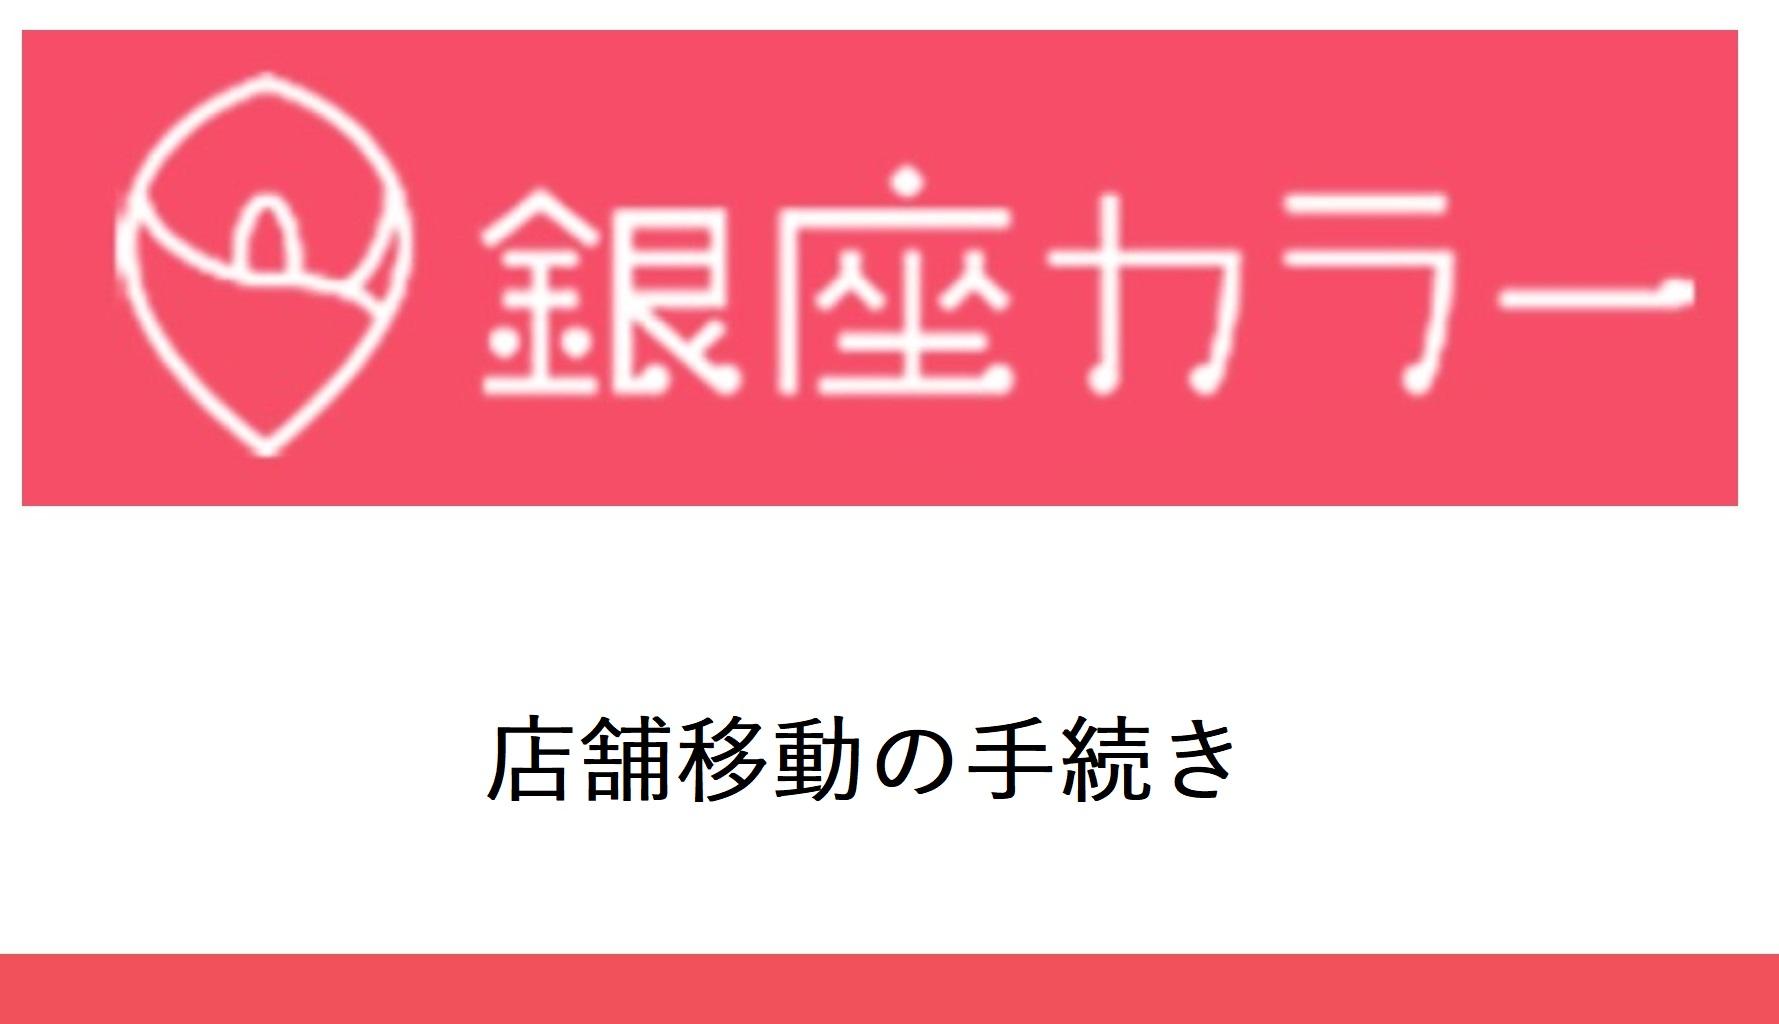 銀座カラー(店舗移動手続き)